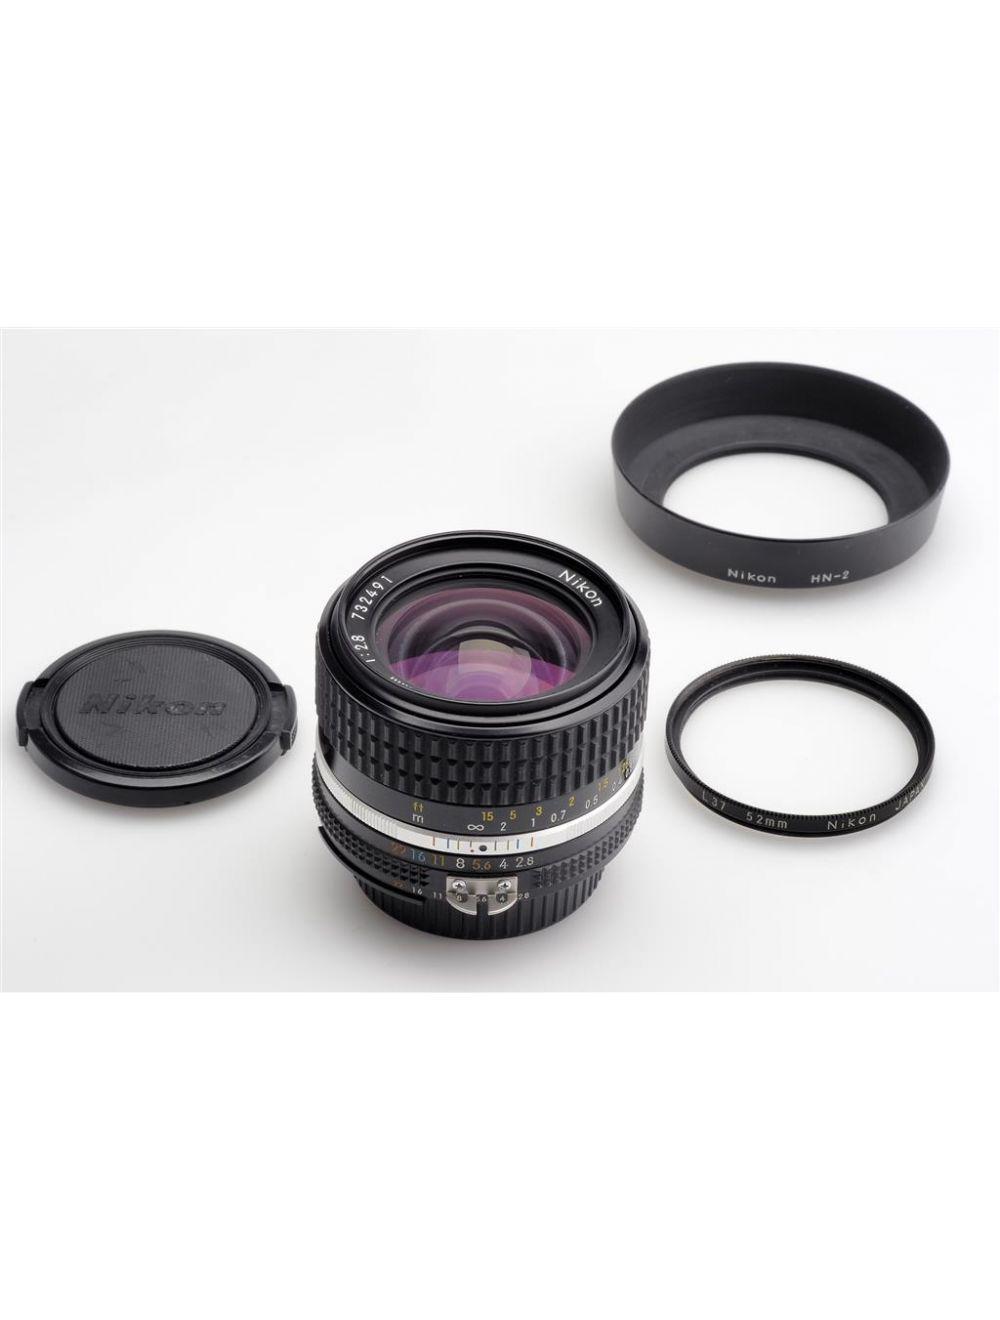 NIKON HN-2 Lens Hood